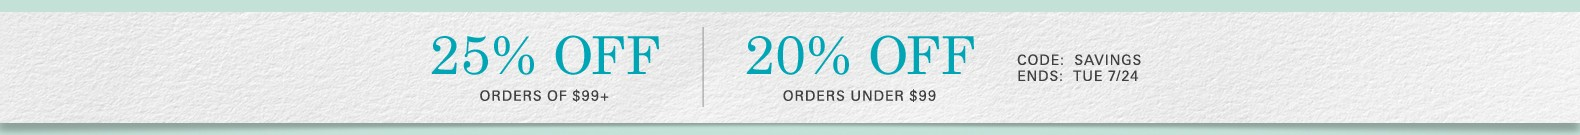 save 30%